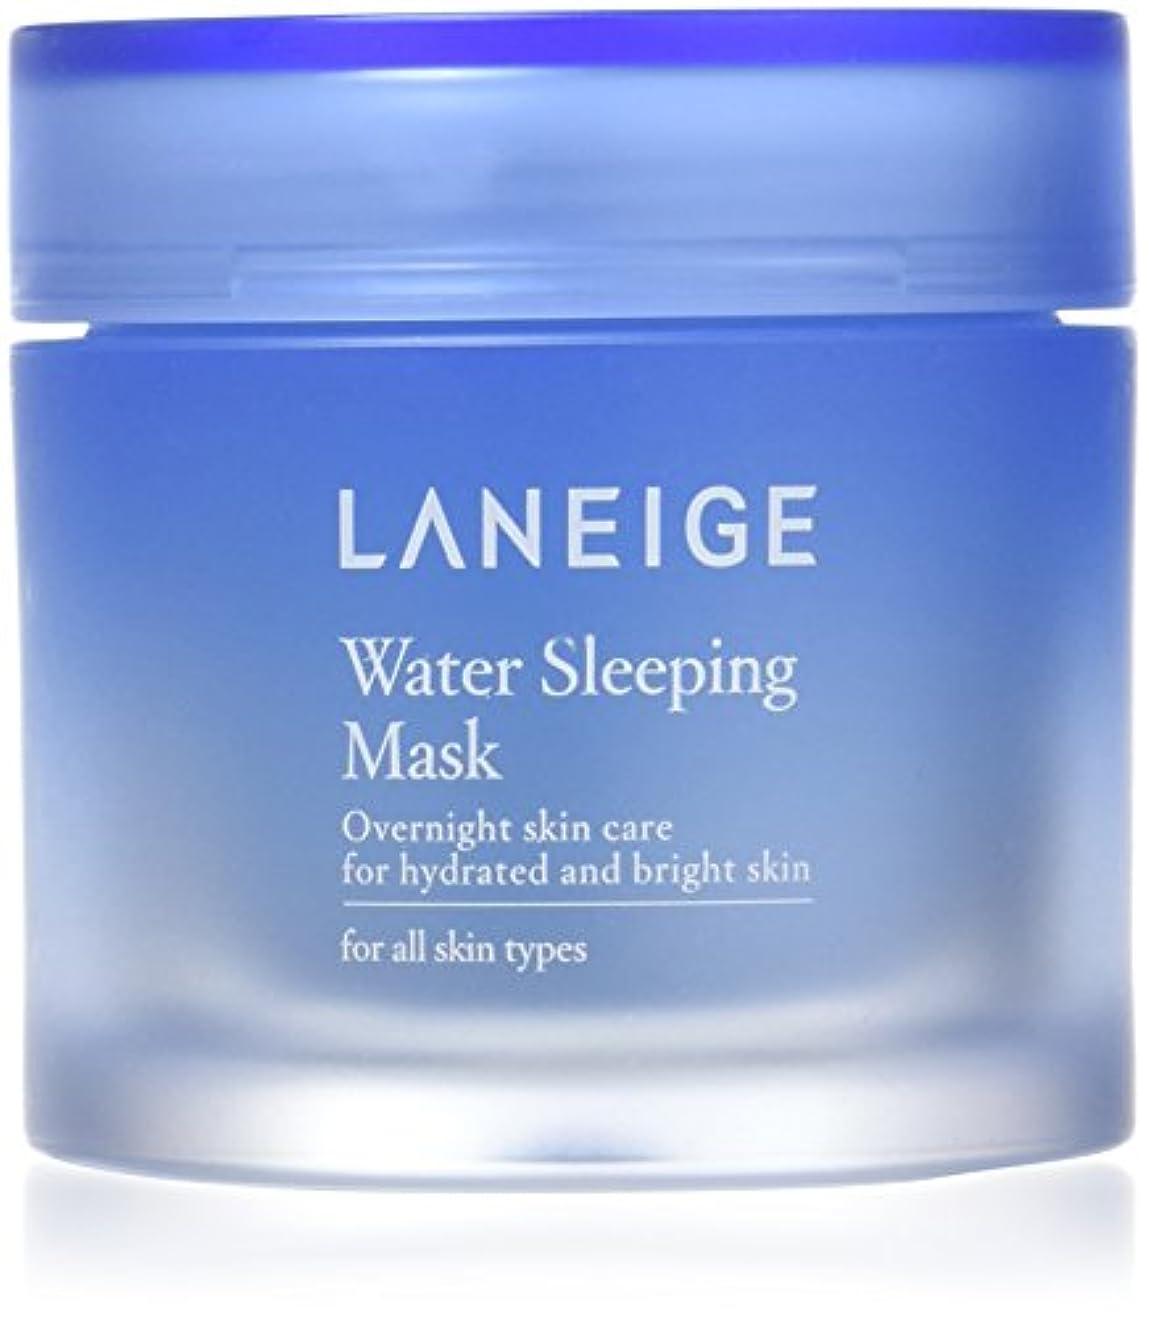 禁止晴れシェーバーLANEIGE/ラネージュ ウォータースリーピング マスク 70ml/Laneige Water Sleeping Mask 70ml [海外直送品]